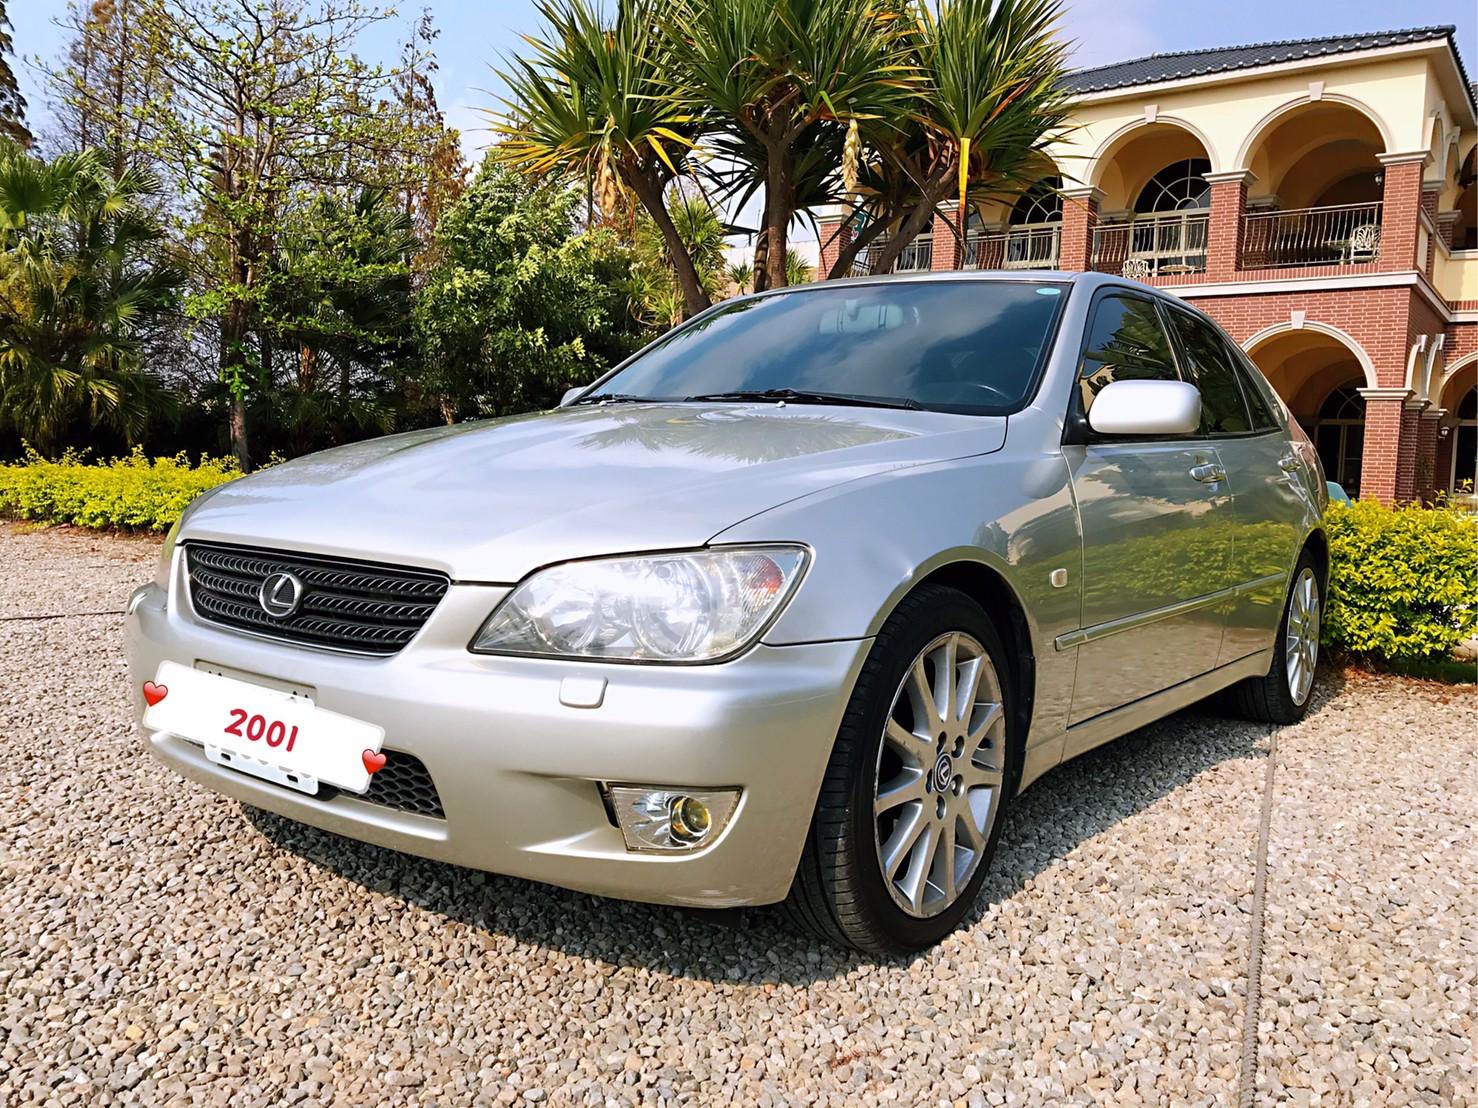 2001 Lexus 凌志 Is